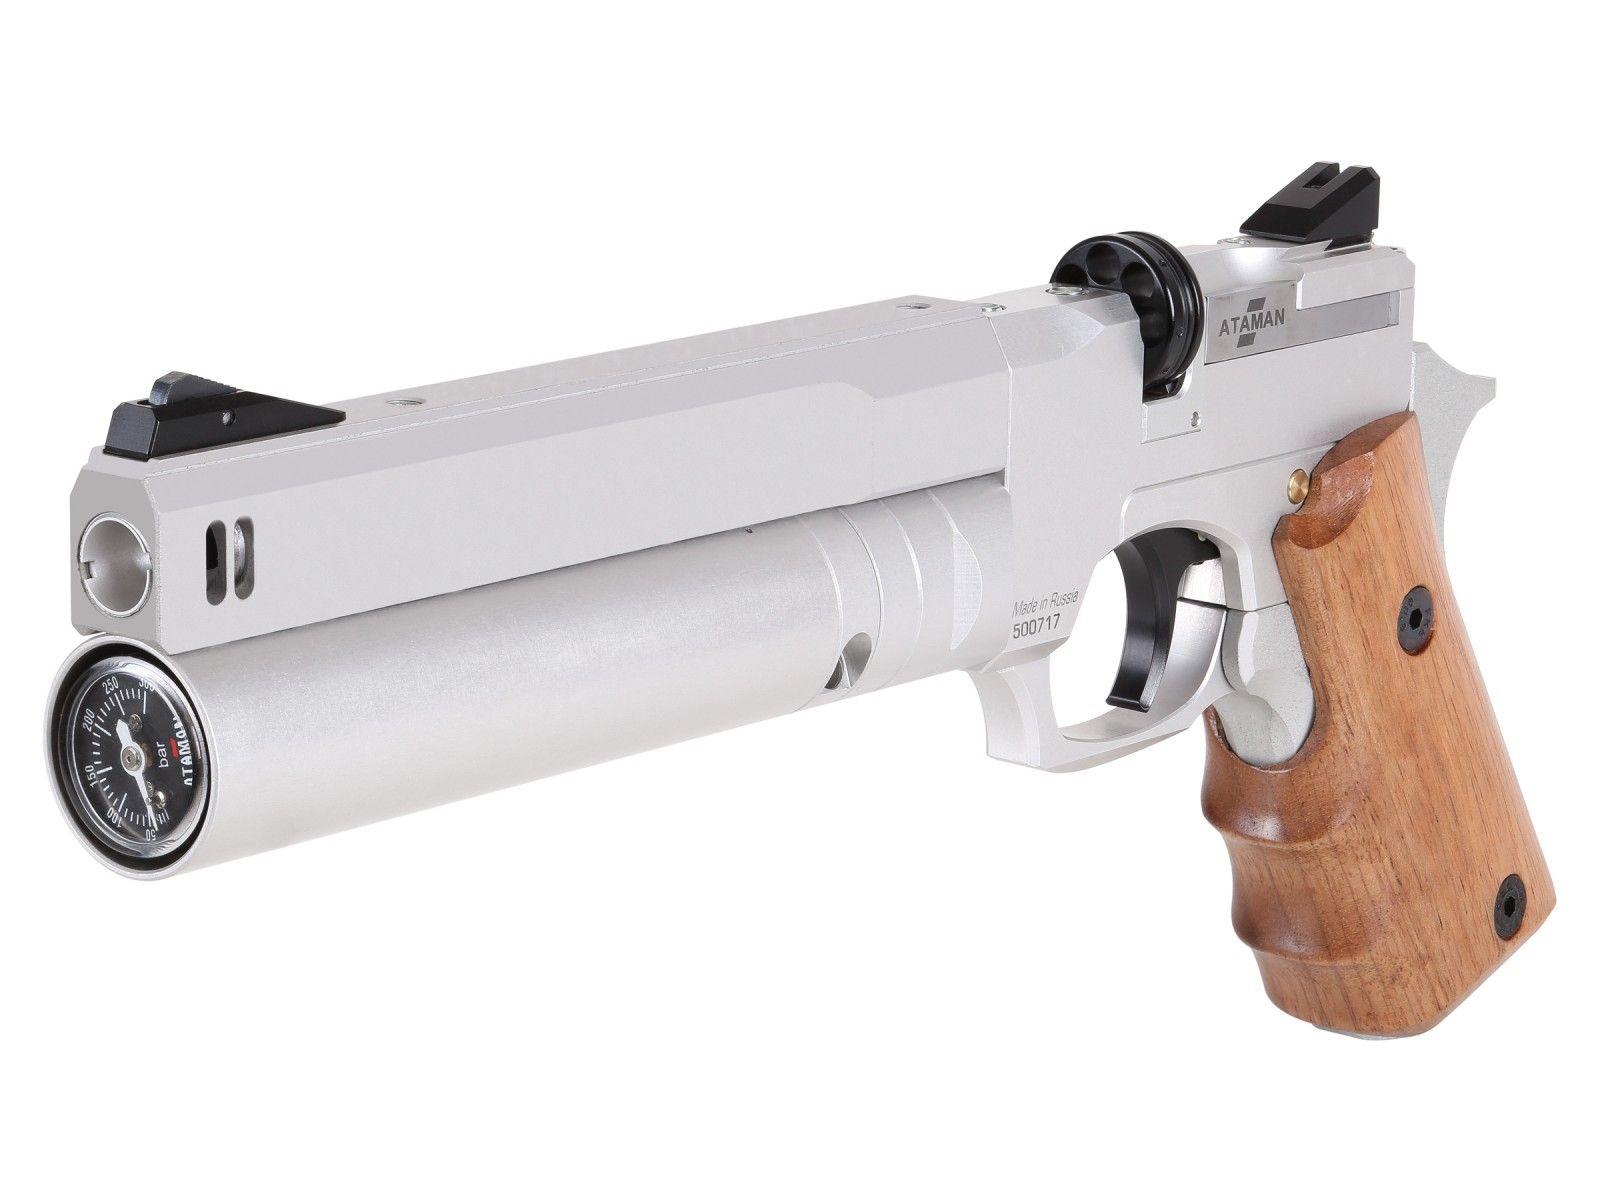 Air Venturi Gun Mall | Nerf,BB and Paintballing | Guns, Hand guns